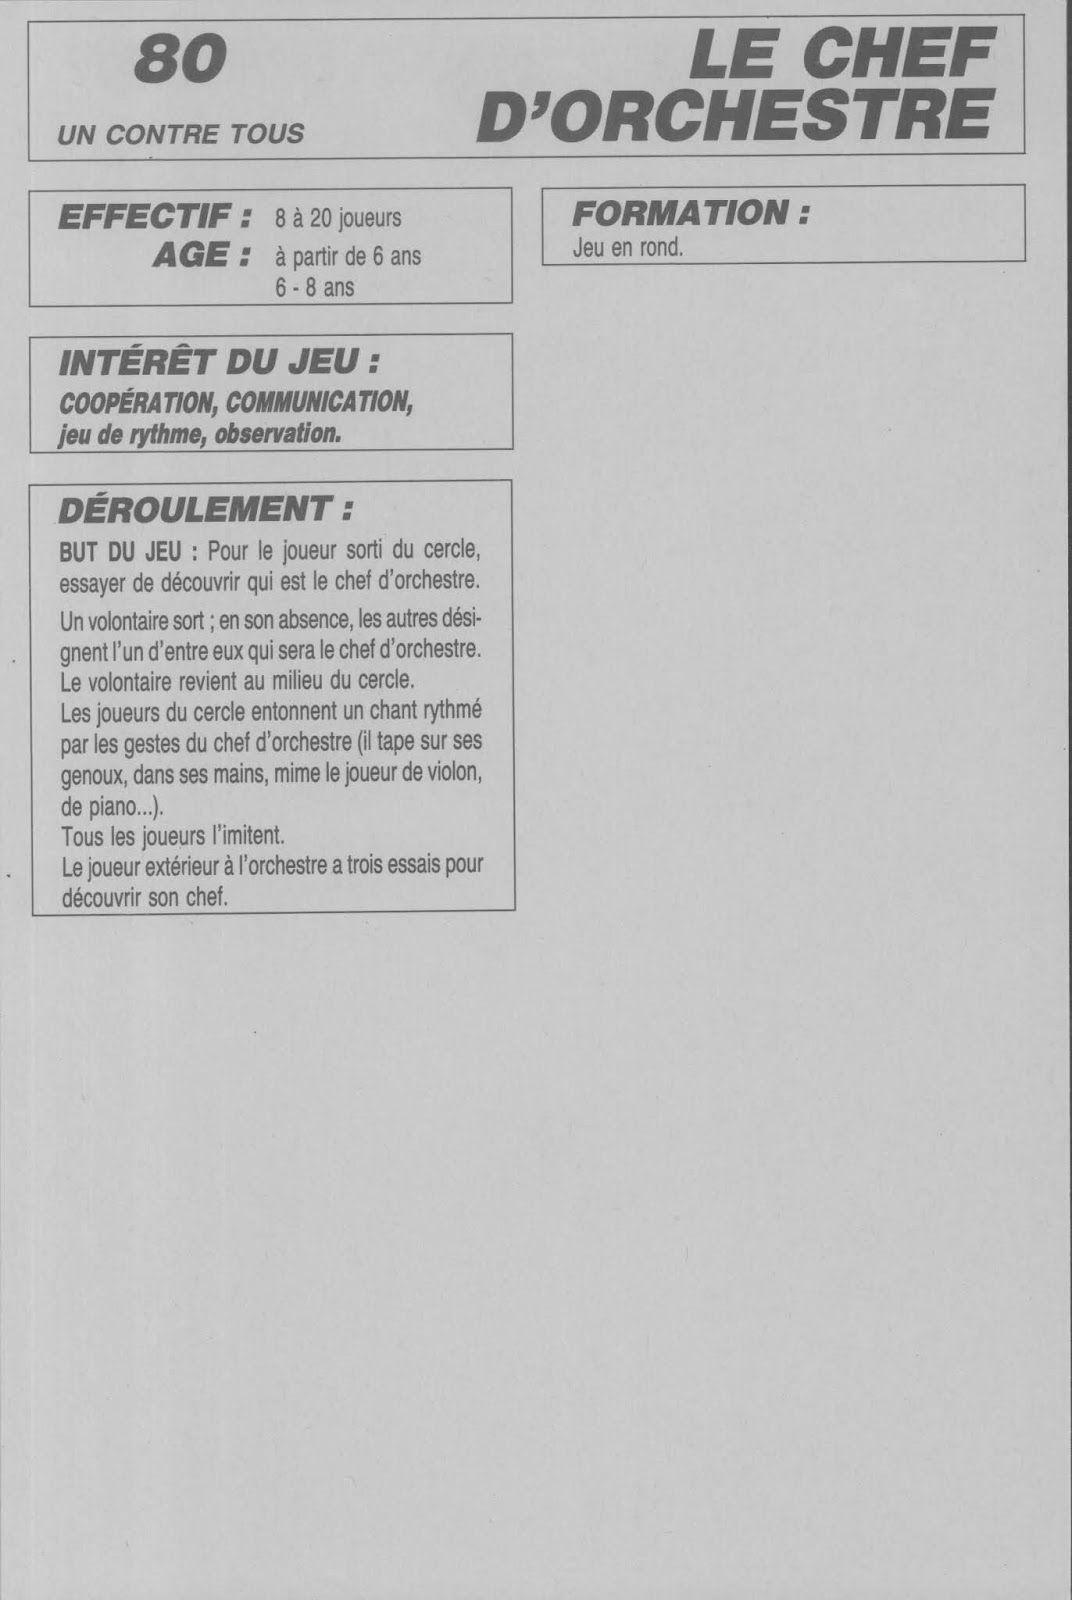 FFC, Fichier de jeux (1990 ?) grandes images en 2020